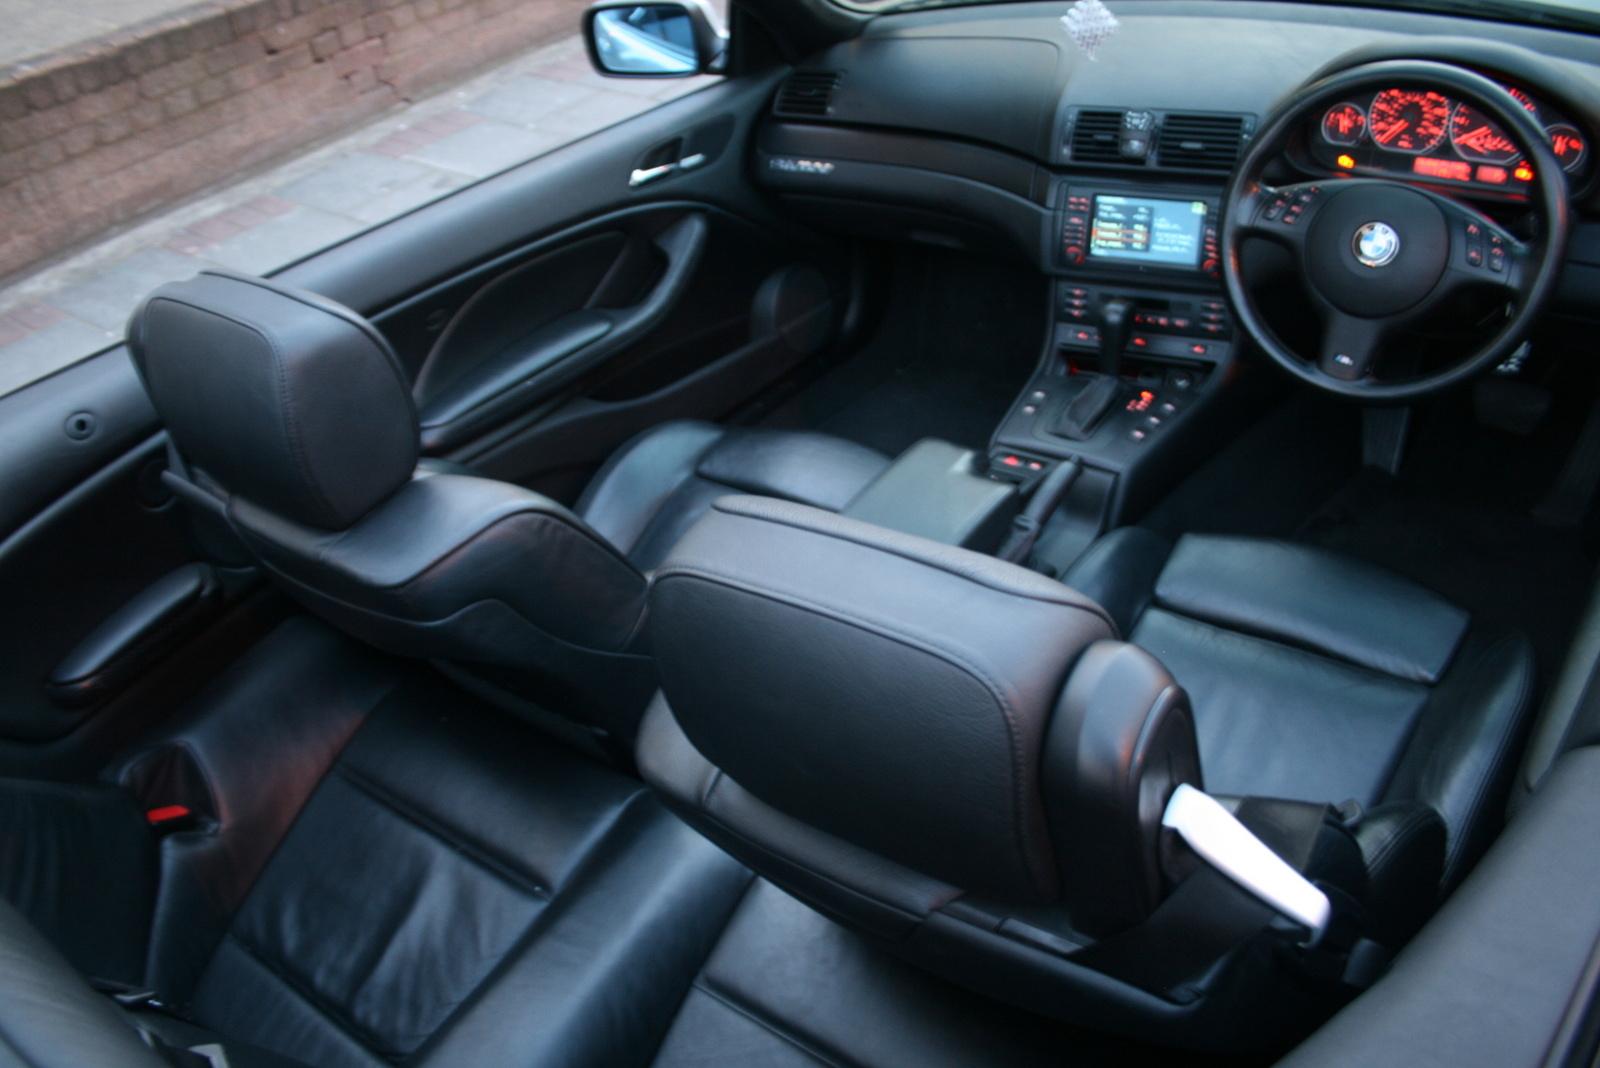 2001 Bmw 330ci Convertible Car Interior Design